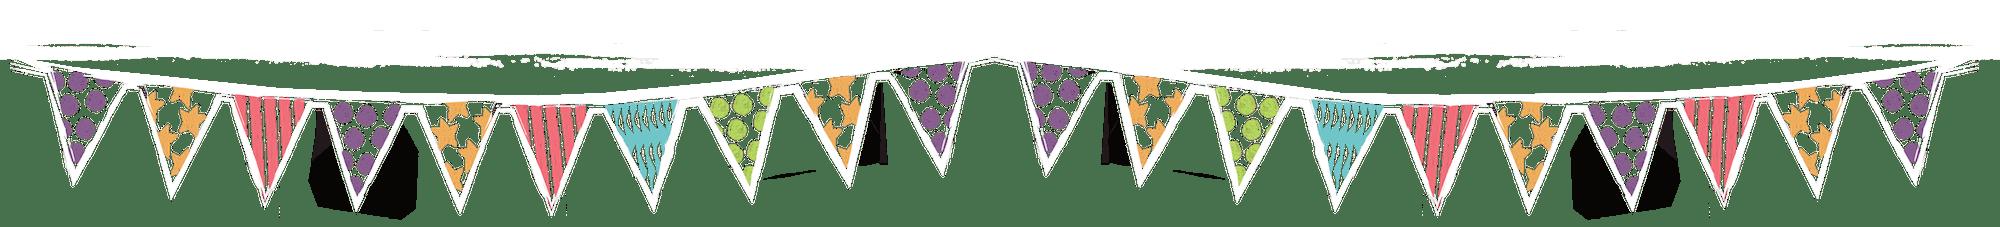 fundo-bandeiras-pincel